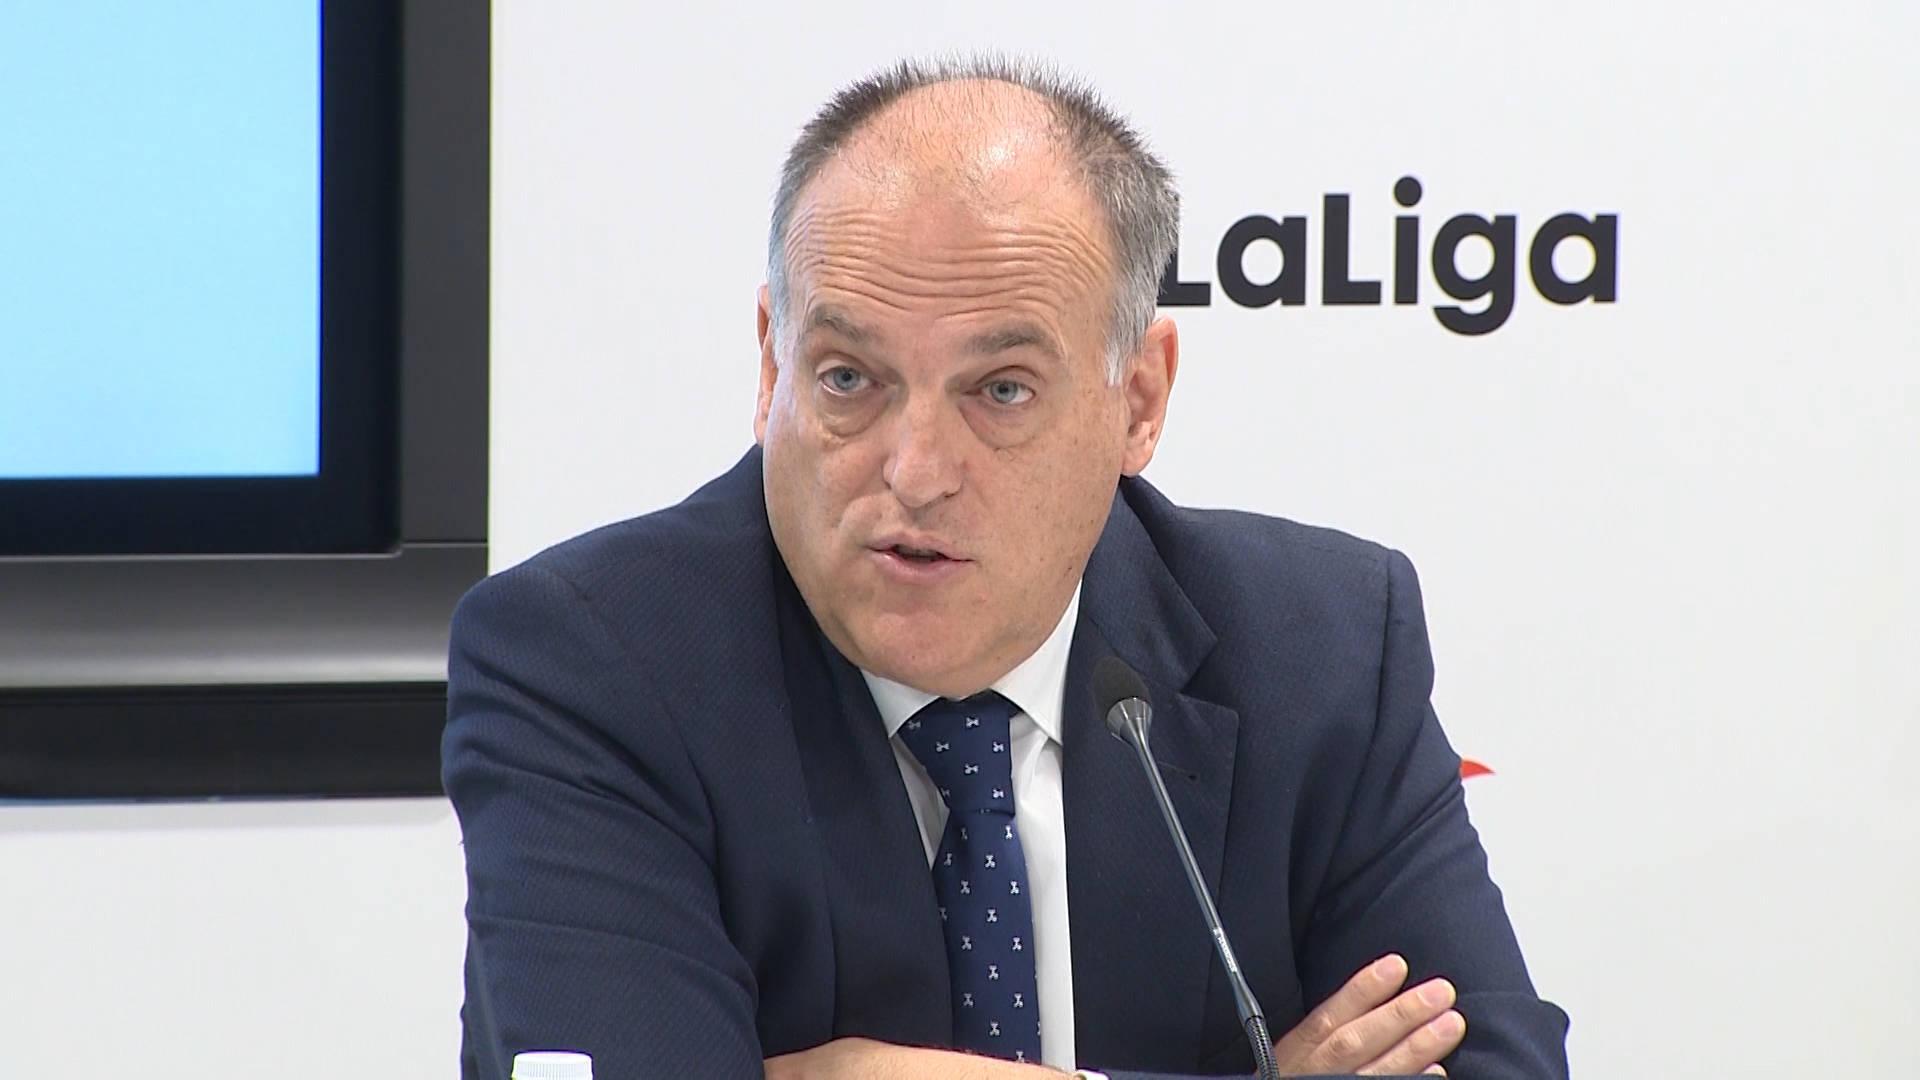 Vuelve LaLiga: Javier Tebas anuncia horarios y partidos de las jornadas 28 y 29, en directo